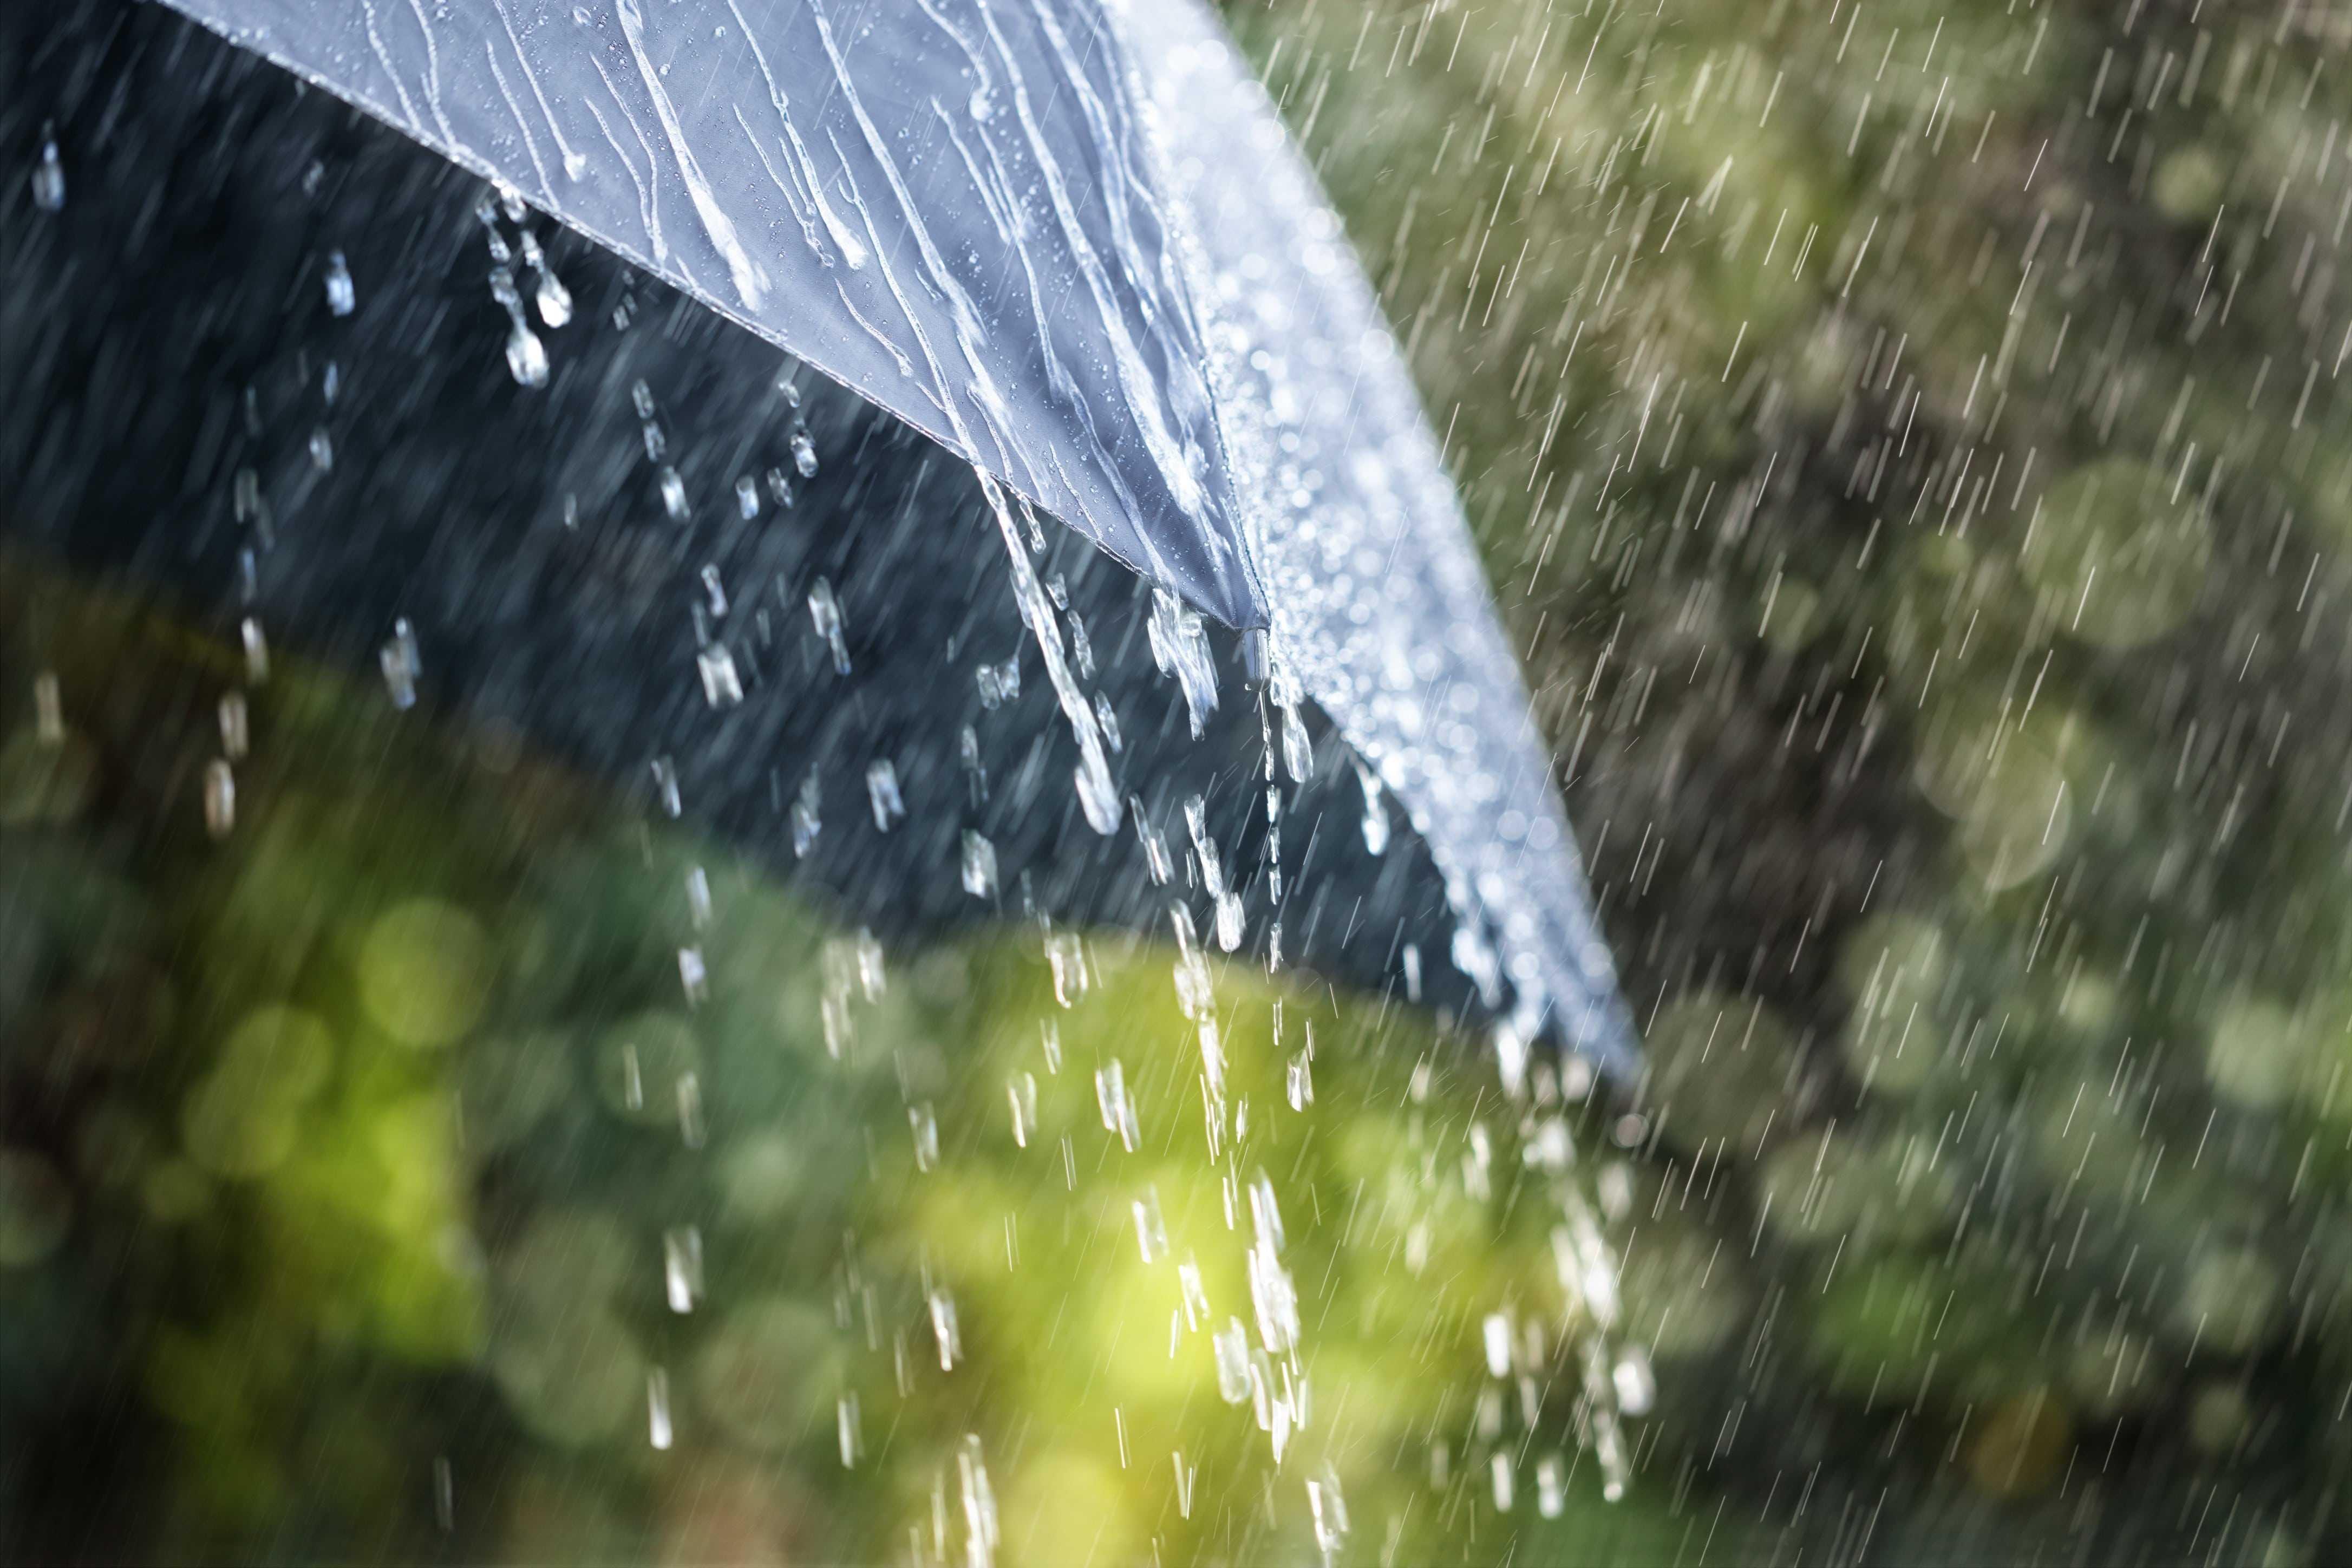 Pogoda na dziś - poniedziałek 5 lipca. IMGW ostrzega przed burzami z gradem i intensywnymi opadami